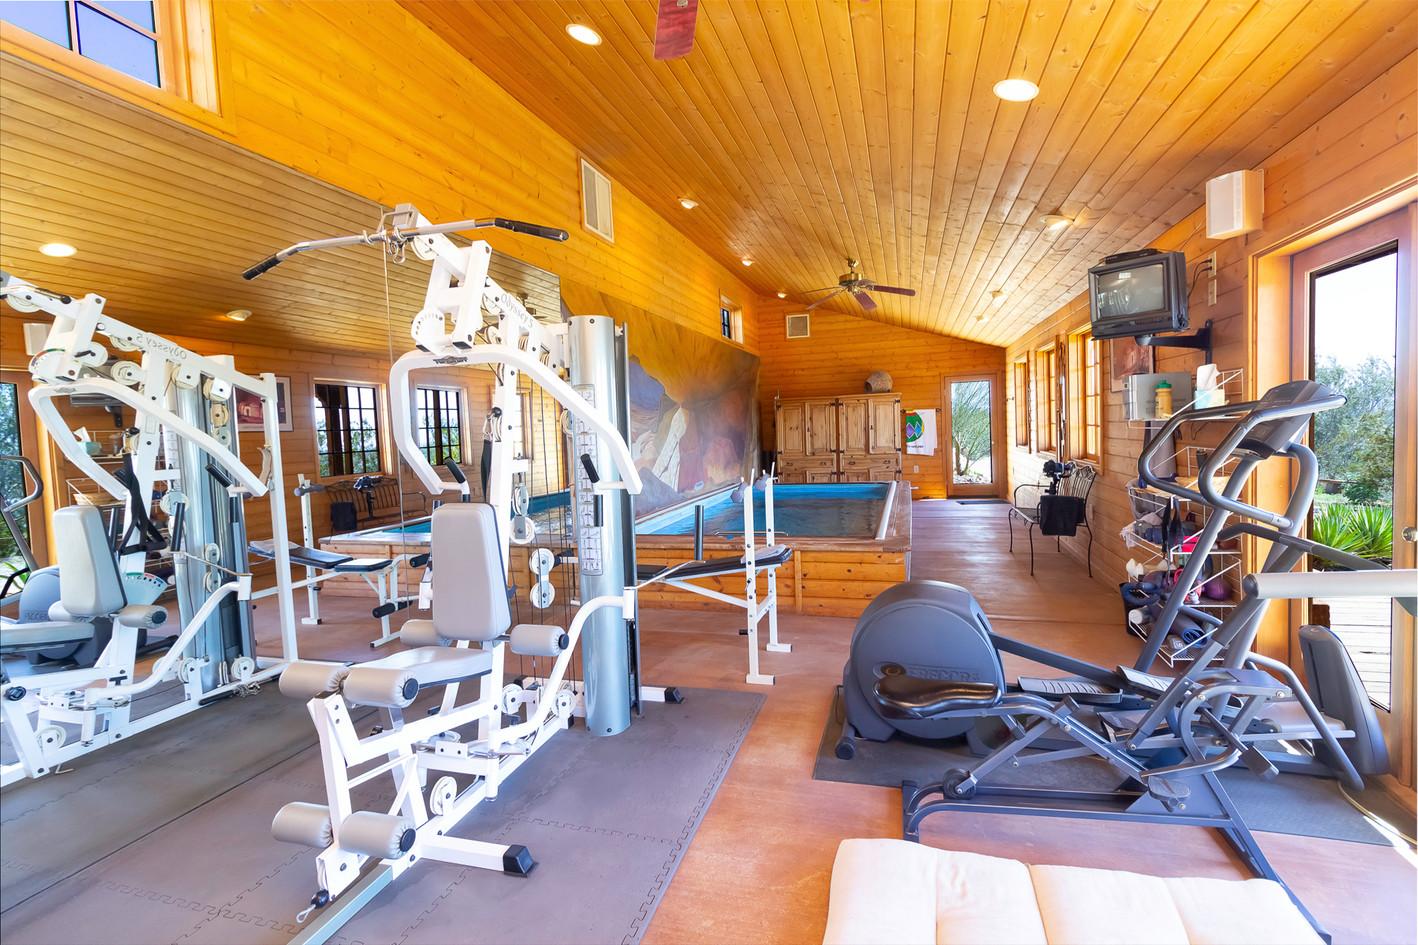 Gym Window 2175 copy.jpg